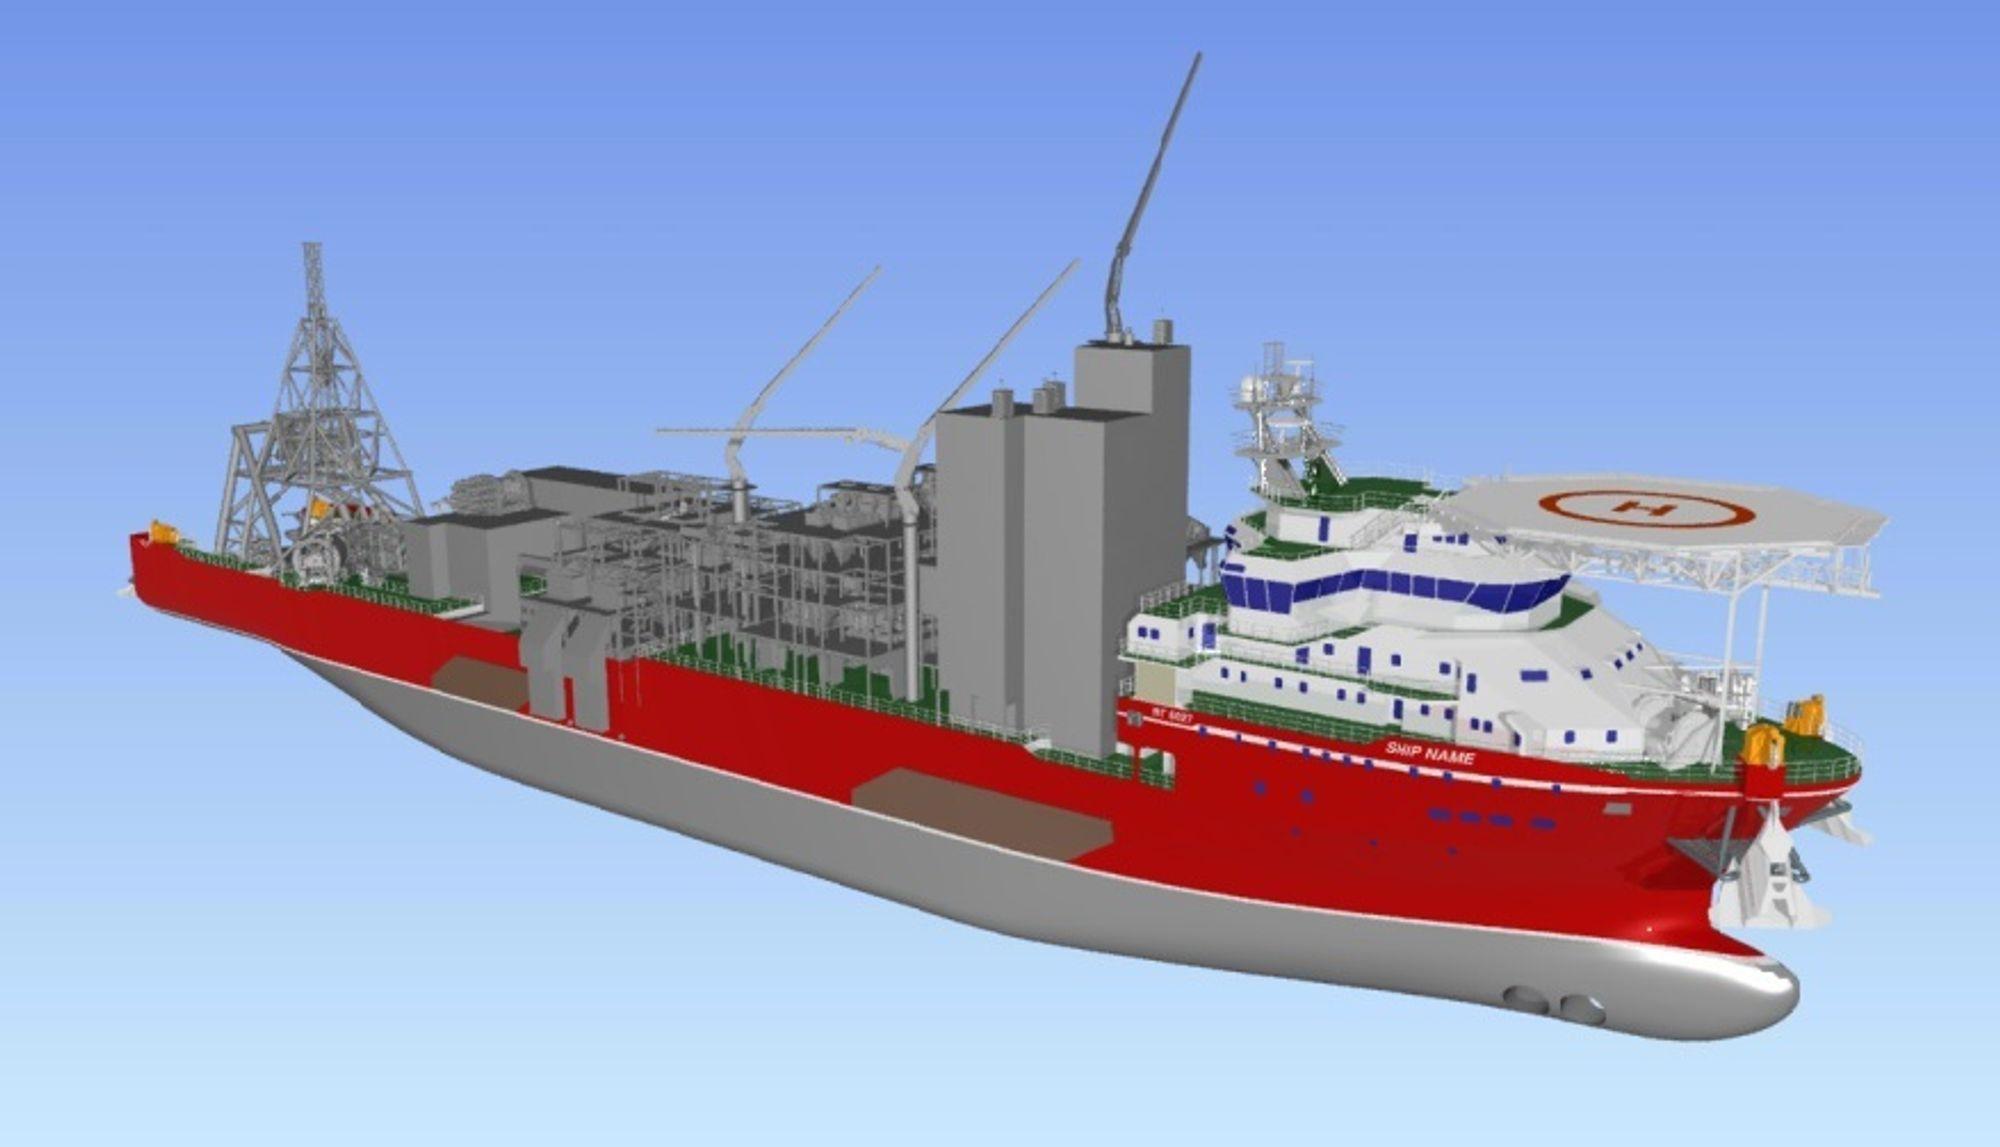 Marin Teknikk har designet det nye diamantleteskipet som får betegnelsen MT 6027. Skipet vil bli 177 meter langt, 27 meter bredt og skal ha 109 sengeplasser.